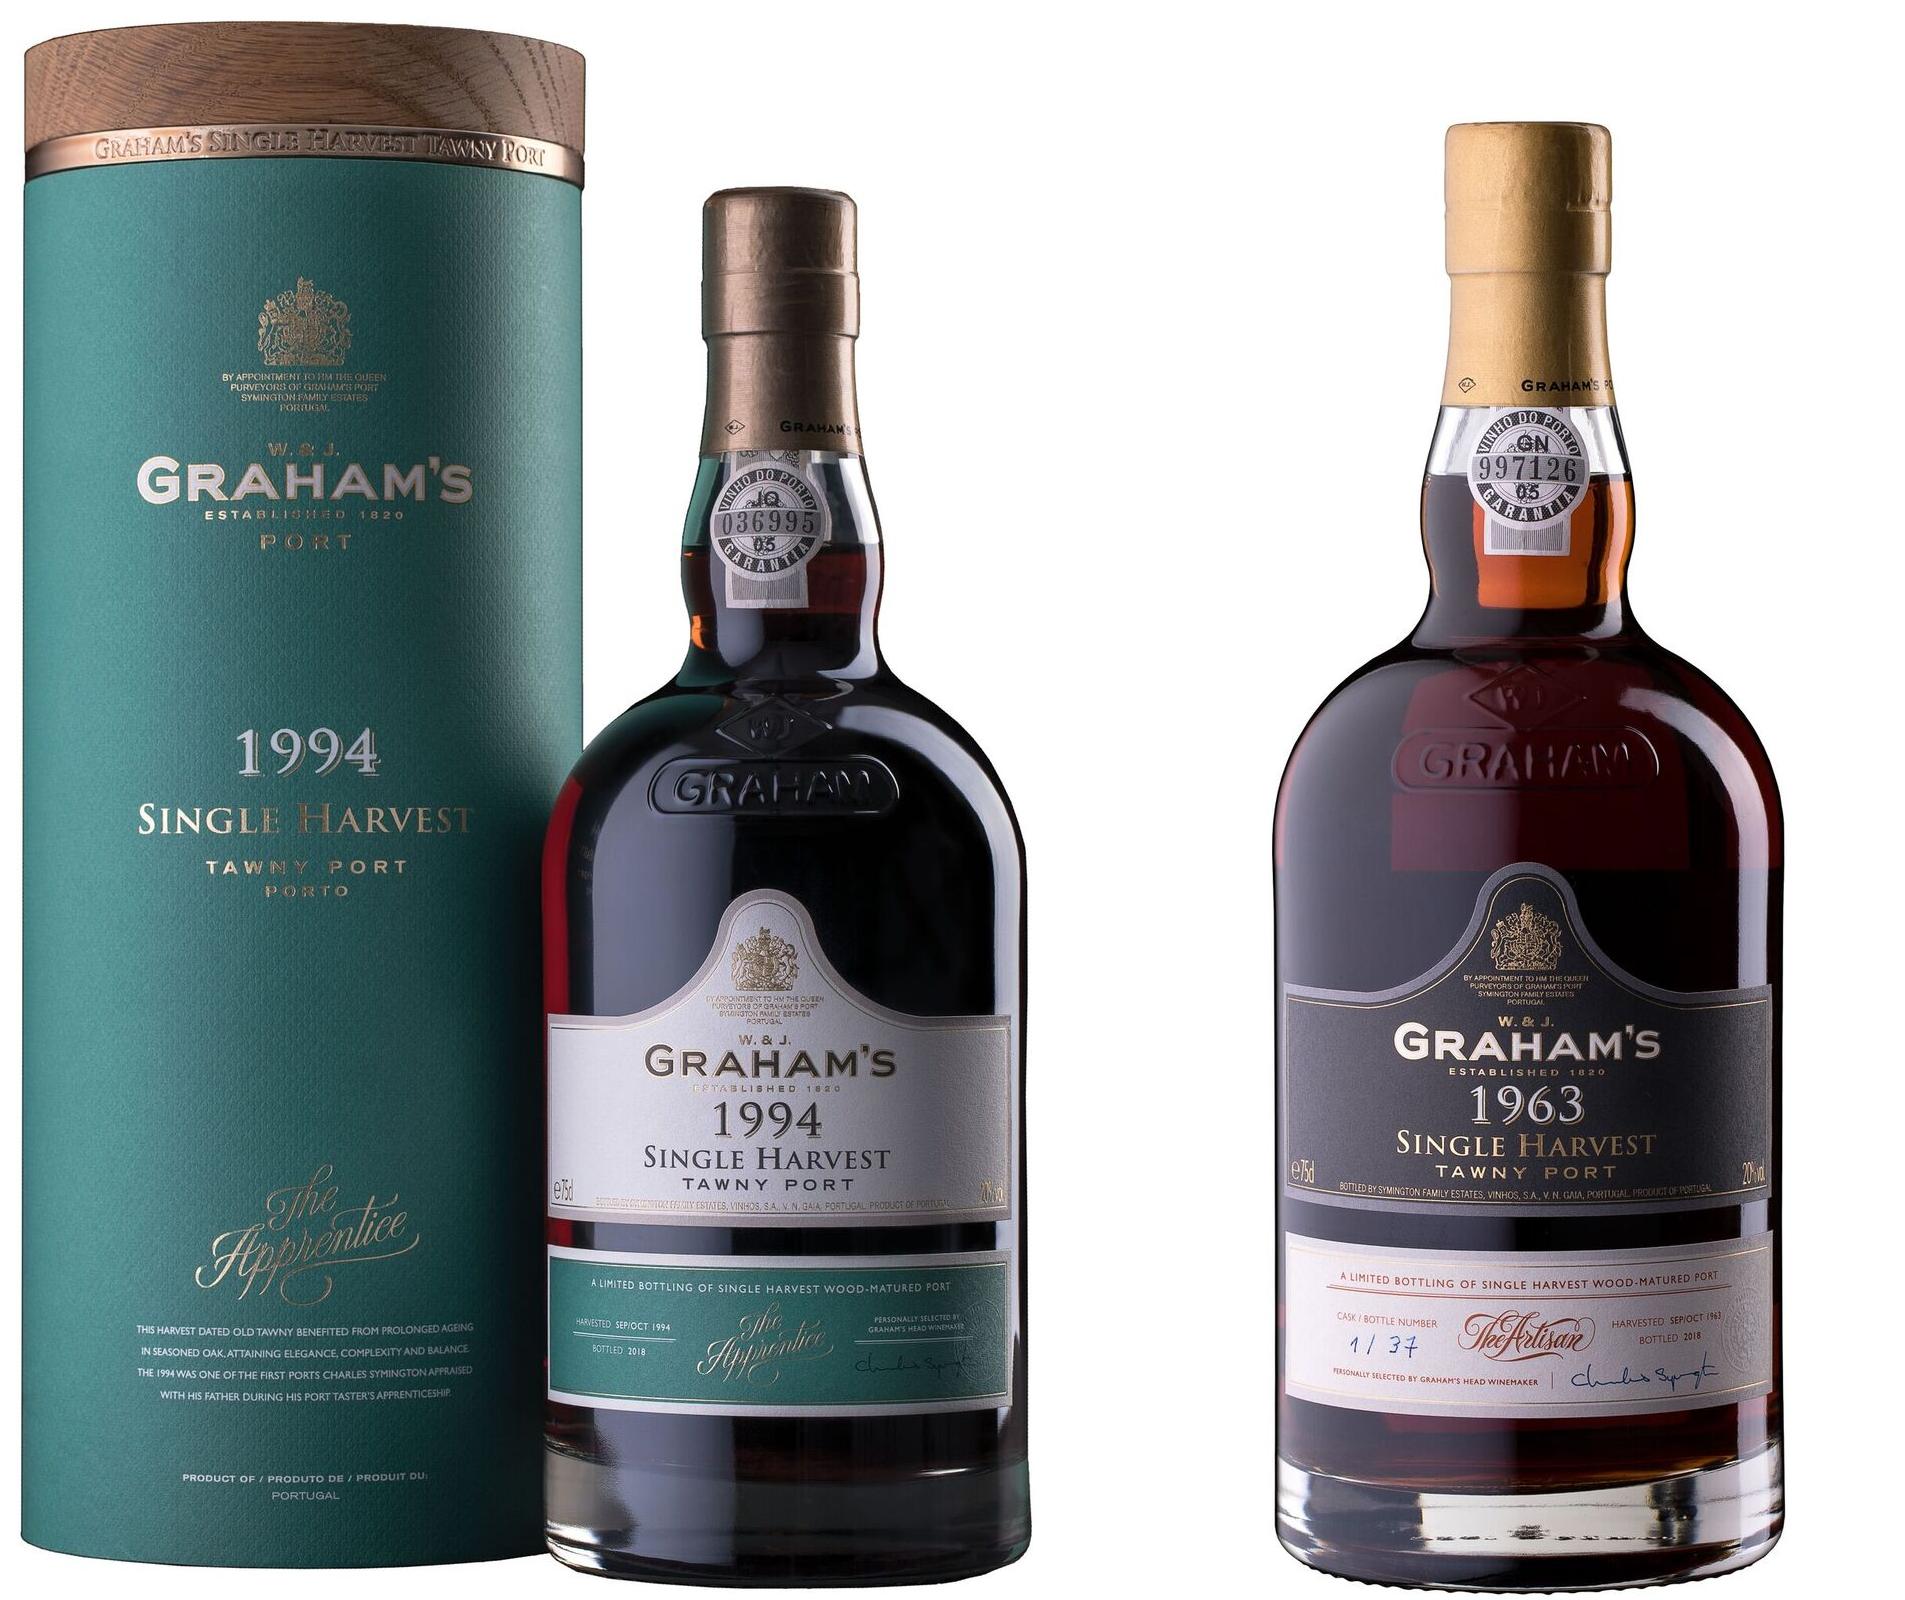 Pour les fêtes, Graham's lance 2 millésimes prestigieux sur le marché belge